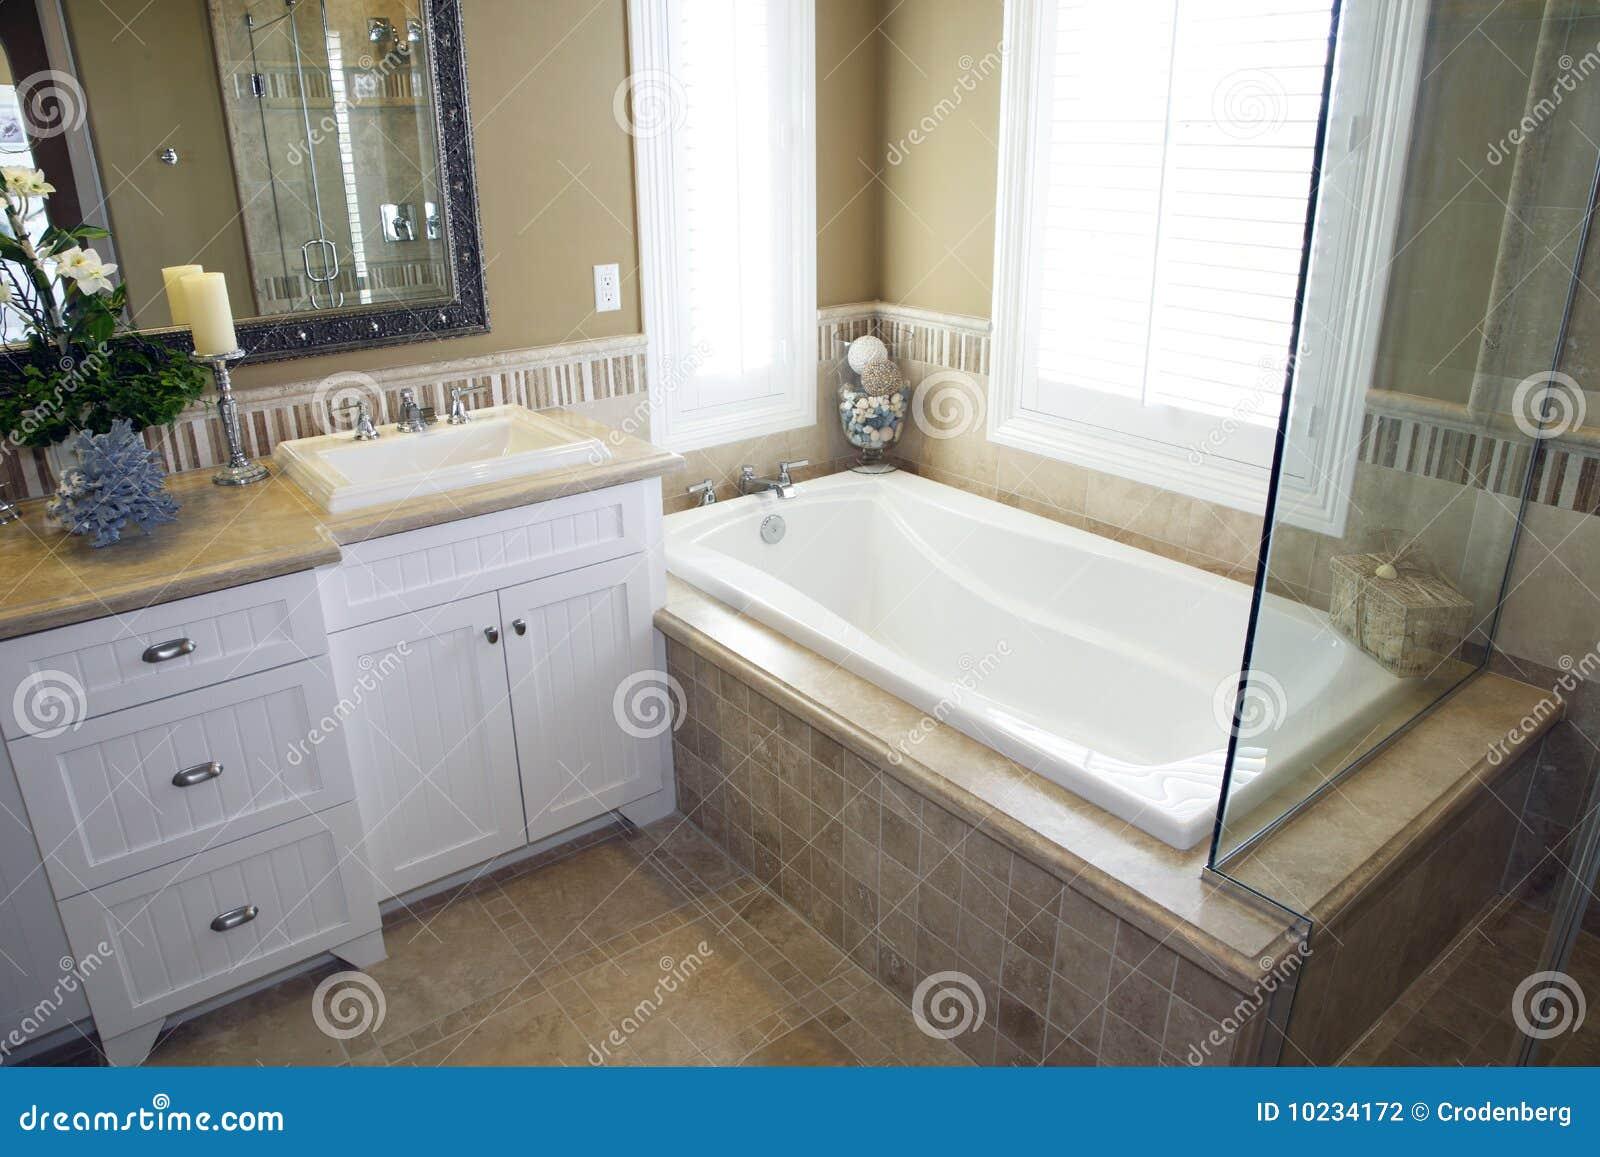 Decoracion De Baño Con Tina:Cuarto De Baño Con Una Tina Moderna Fotografía de archivo – Imagen